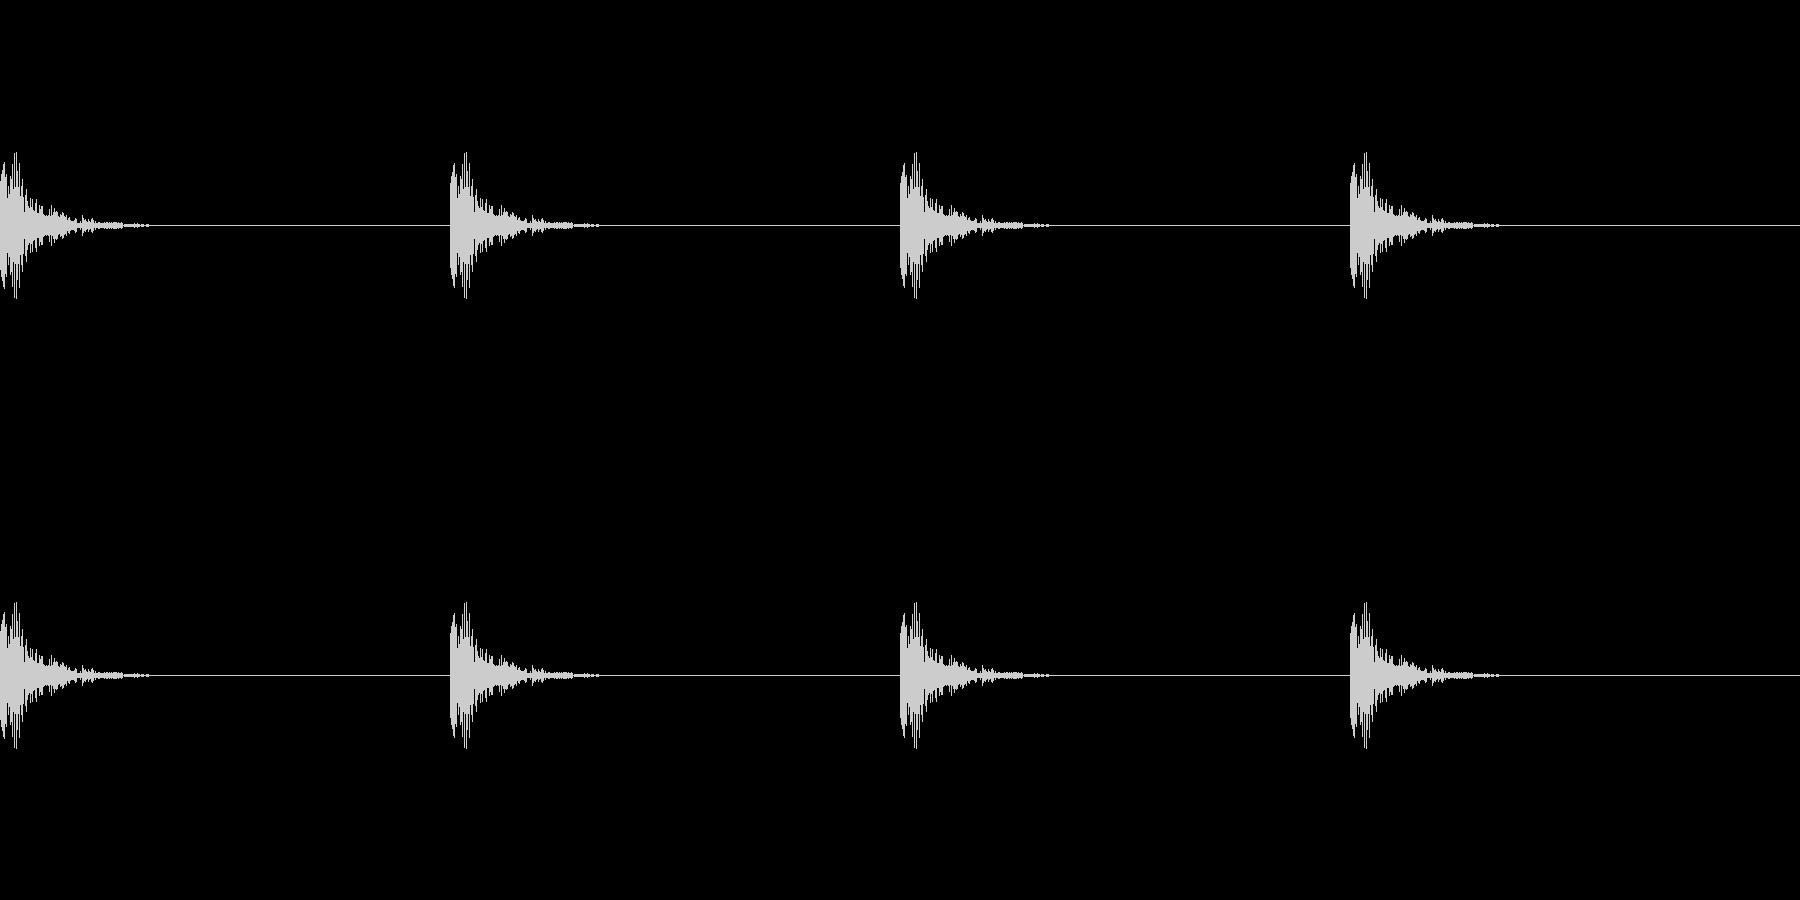 古い時計の音(カチャン、カチャン)の未再生の波形